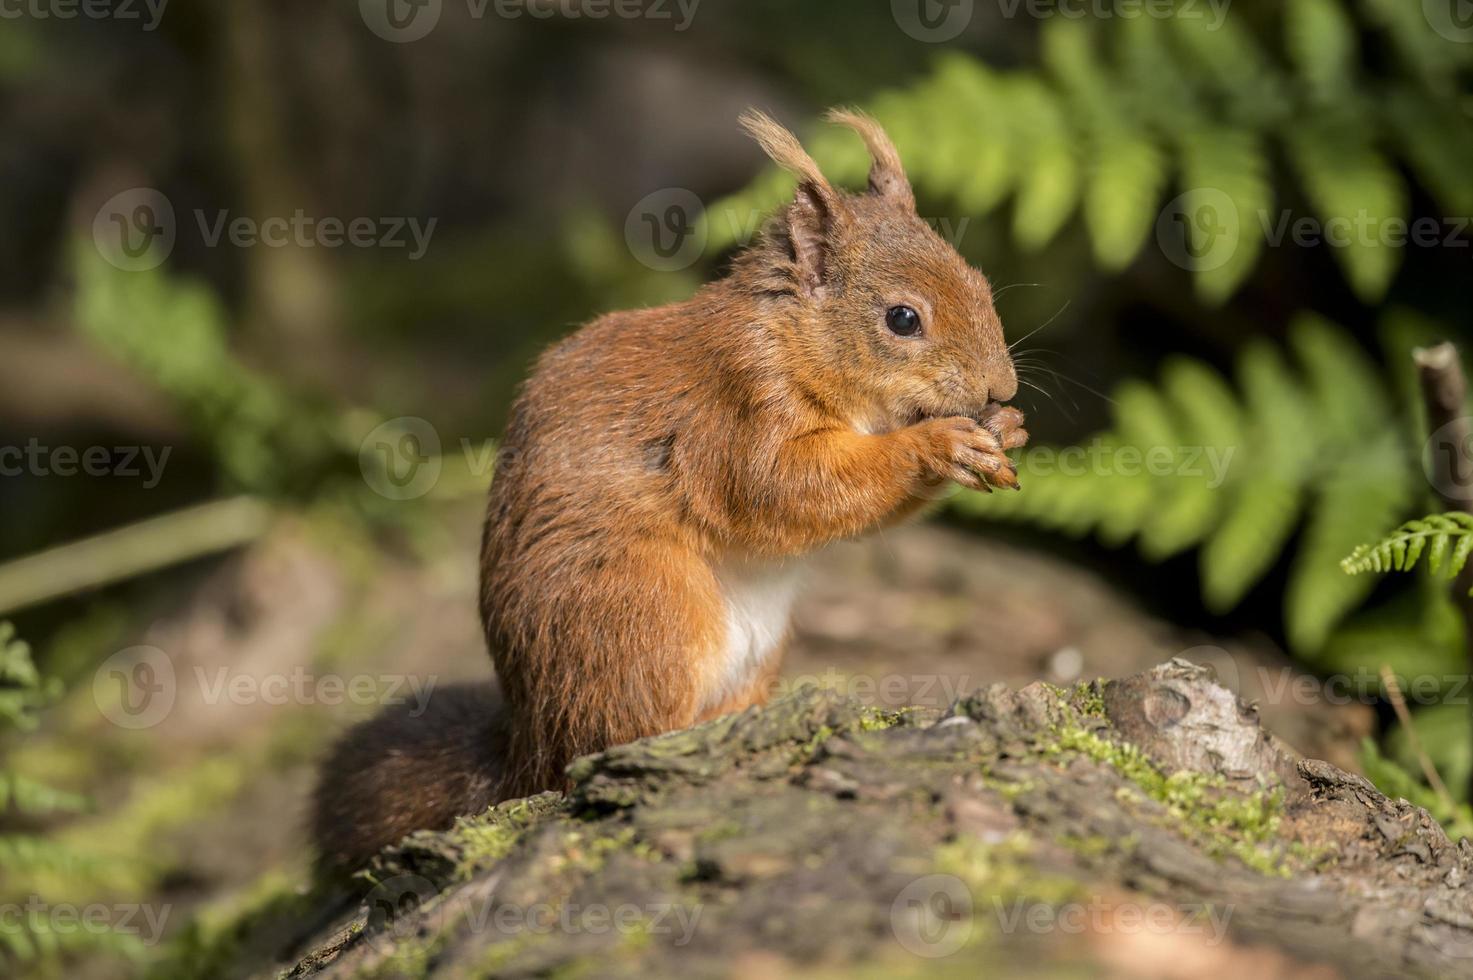 rotes Eichhörnchen, Sciurus vulgaris, auf einem Baumstamm foto